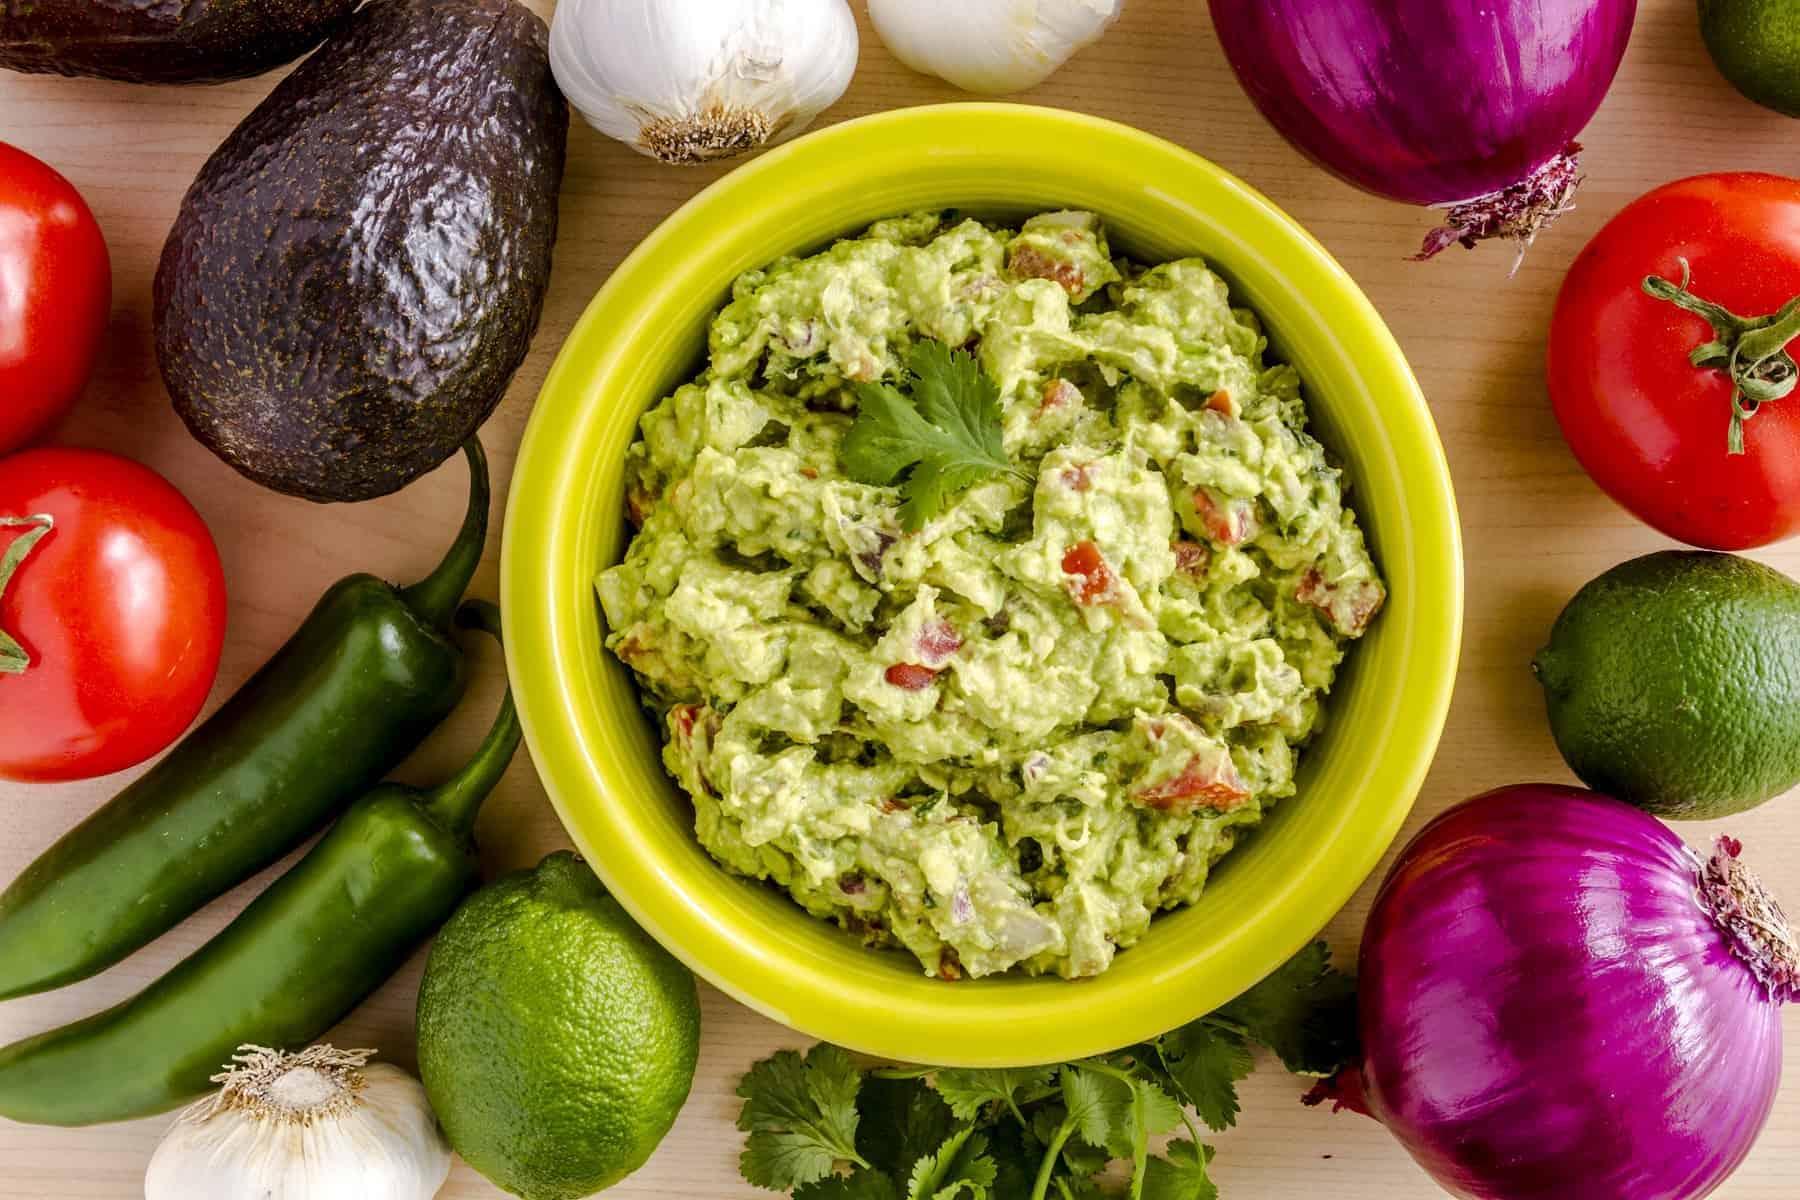 Mexicansk mad: Hemmelavet Guacamole i lysen grøn skål med lækker dip